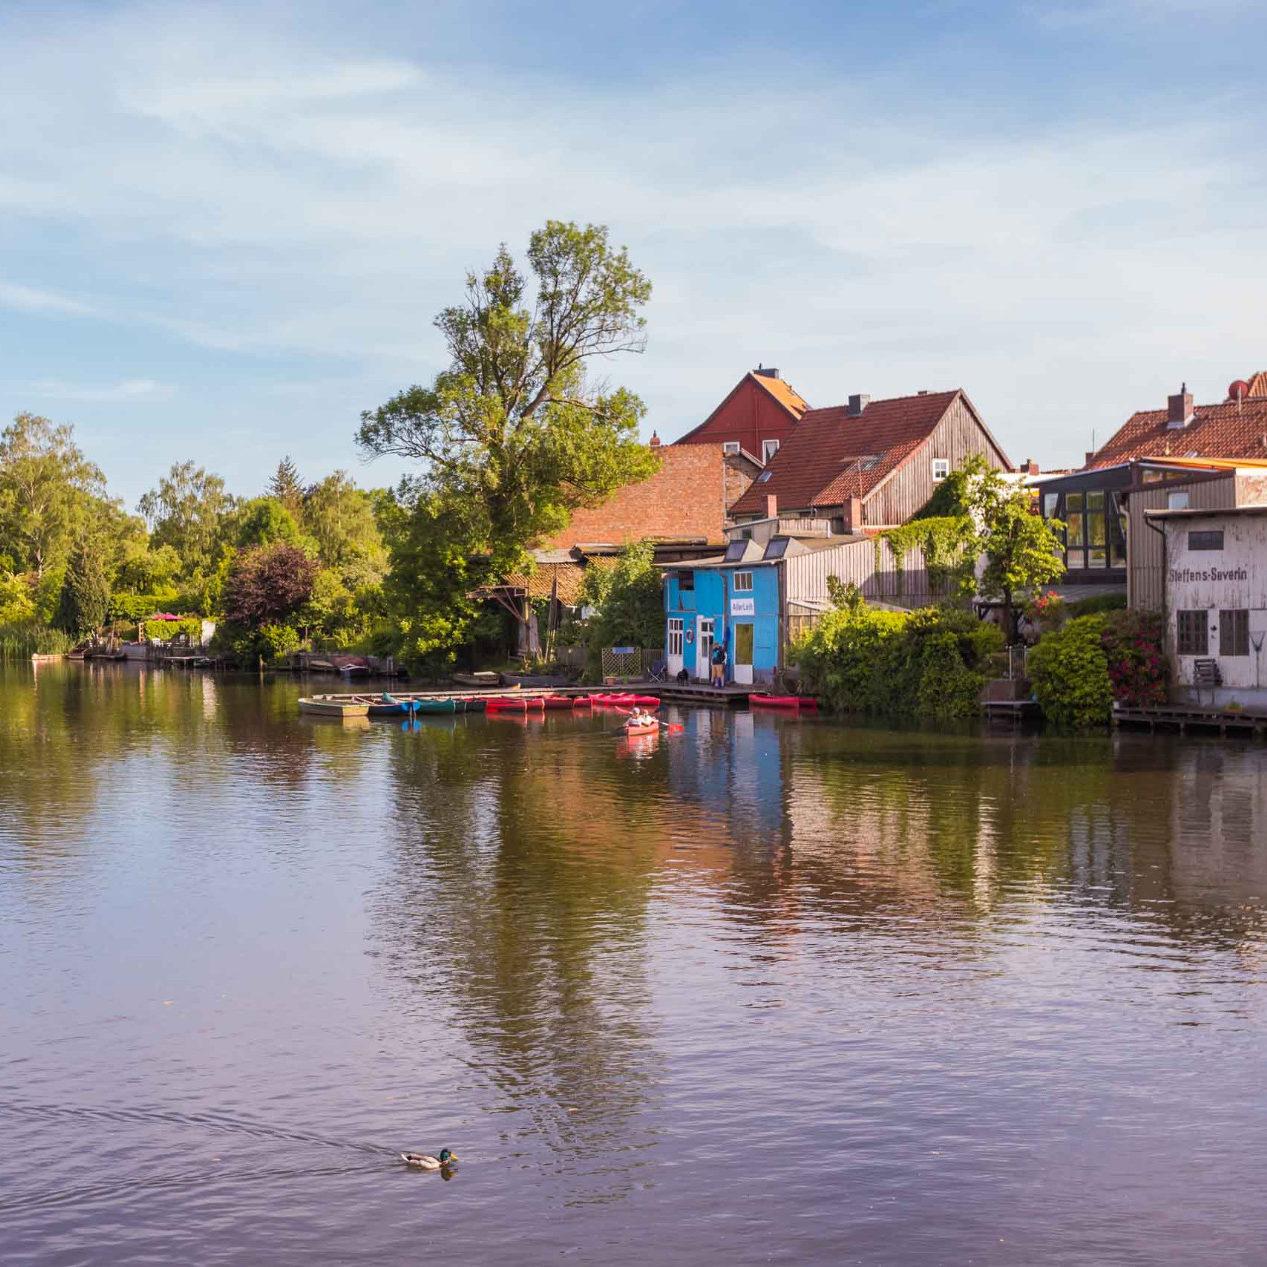 Der Bootsverleih AllerLeih in Celle liegt direkt an der Aller und unweit der Altstadt (c) Celle Tourismus